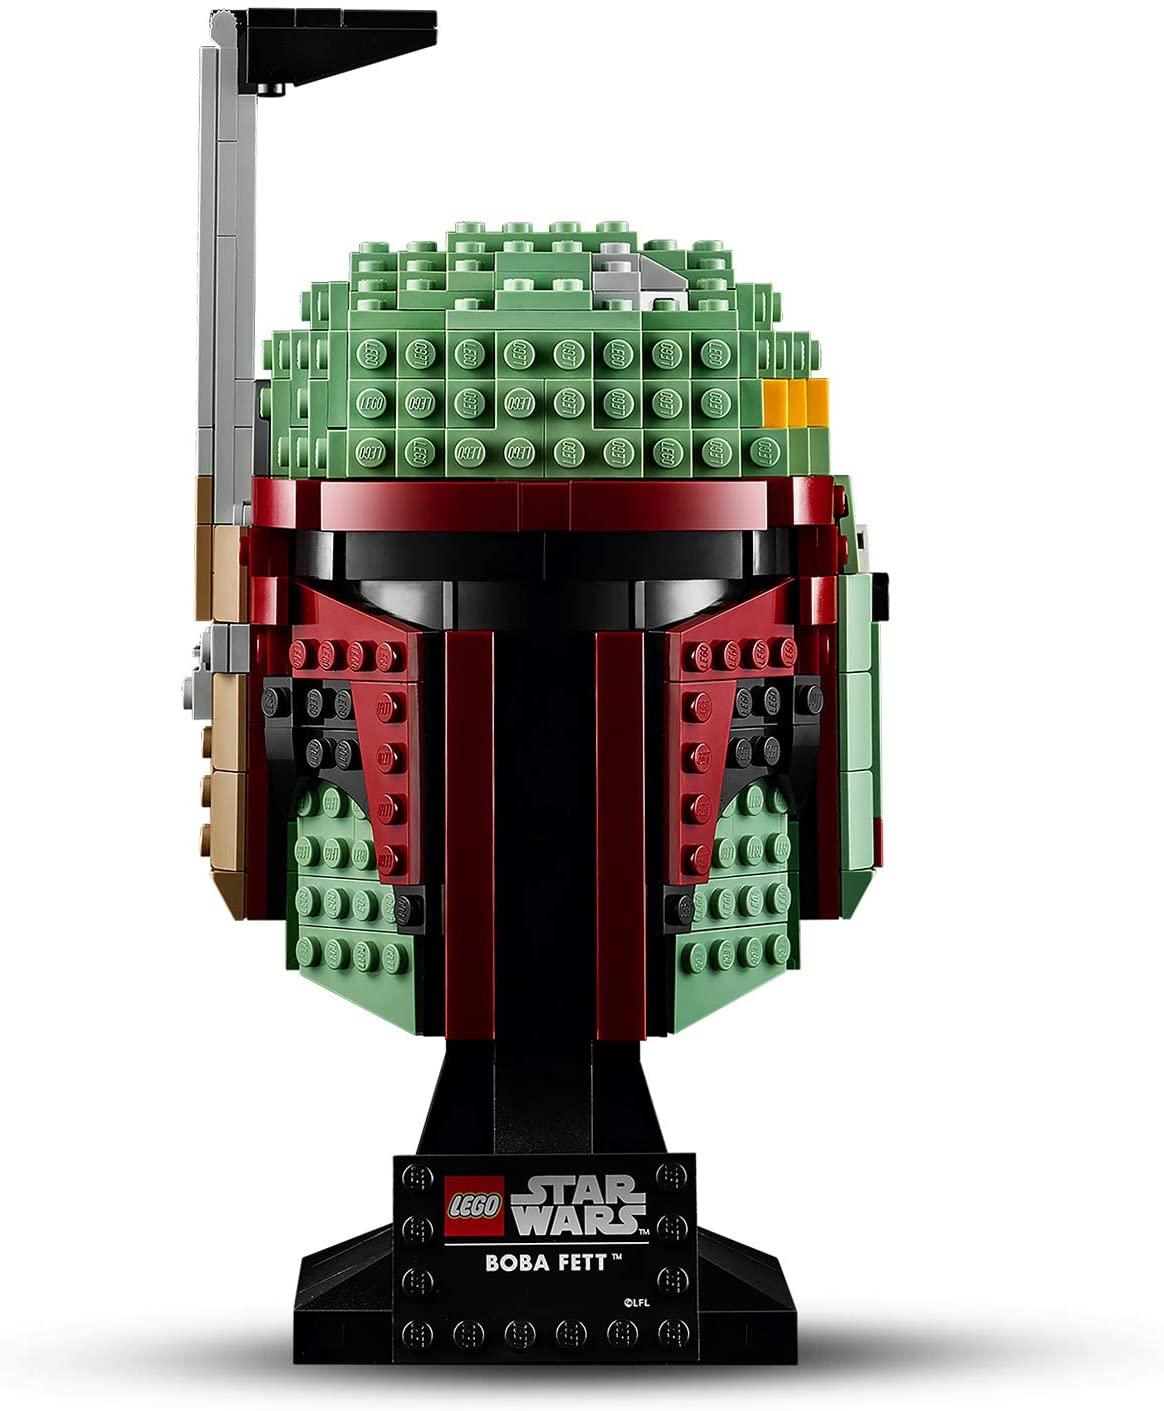 75277 LEGO Starwars Boba Fett